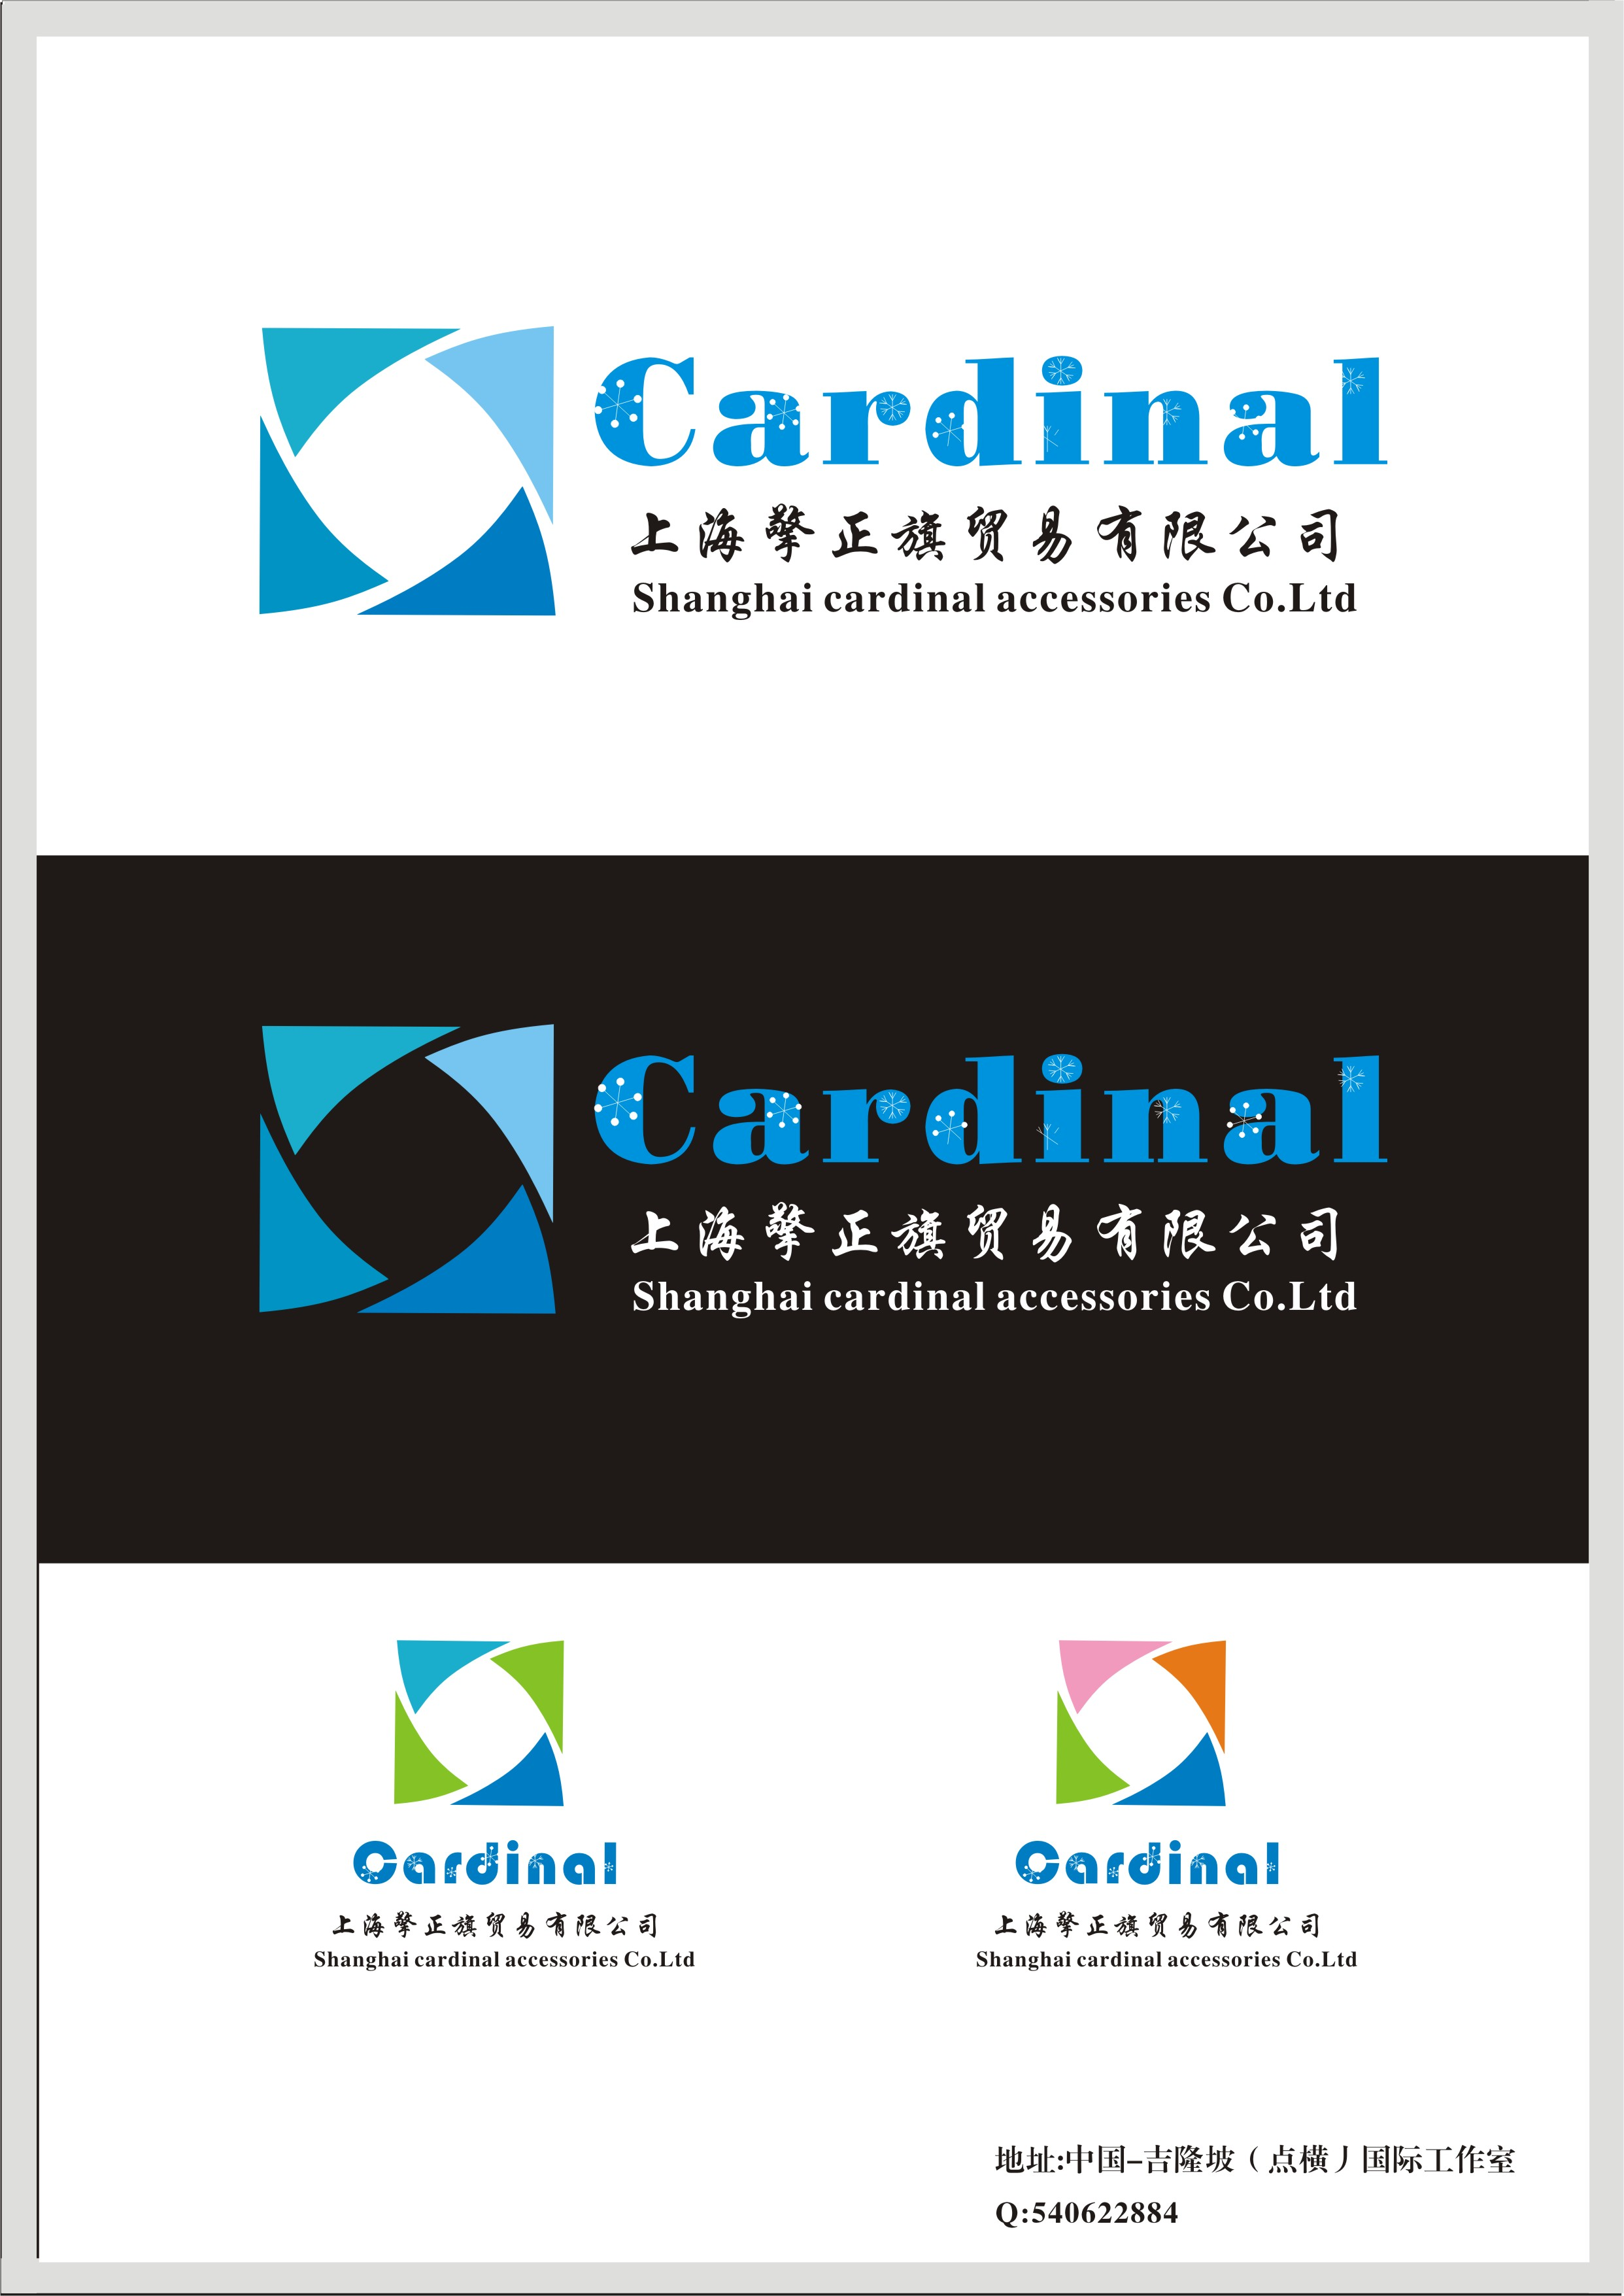 商標類似而不能注冊時,設計者應免費將logo進行調整與修改,直到本公司